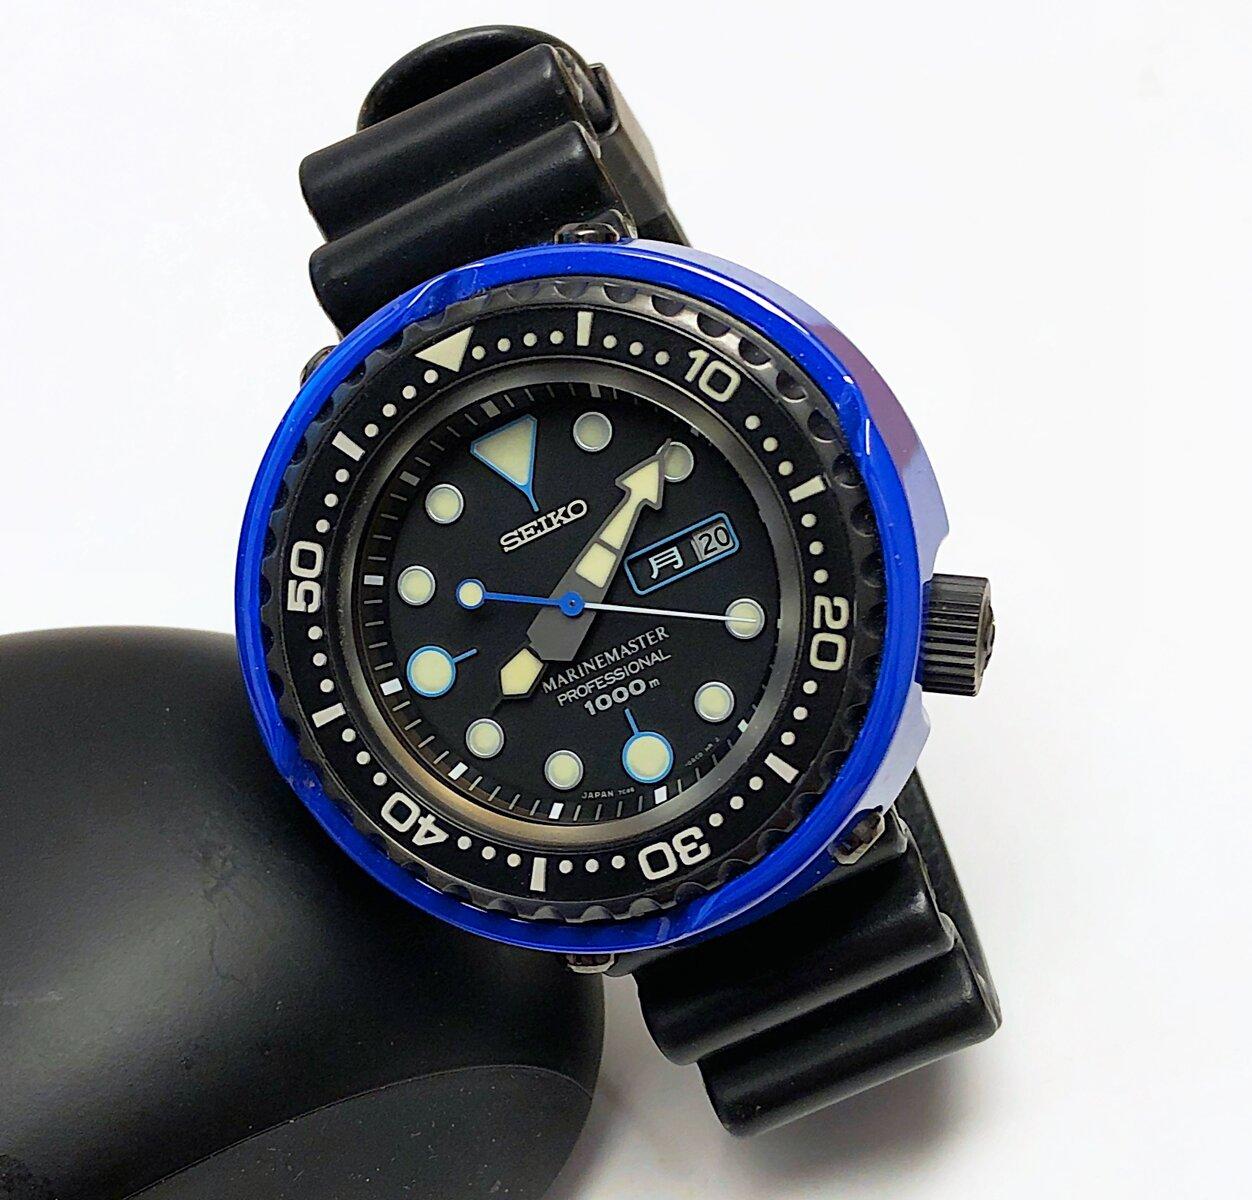 2203E6BF-CB63-4BA0-AA4A-963EA016750E.